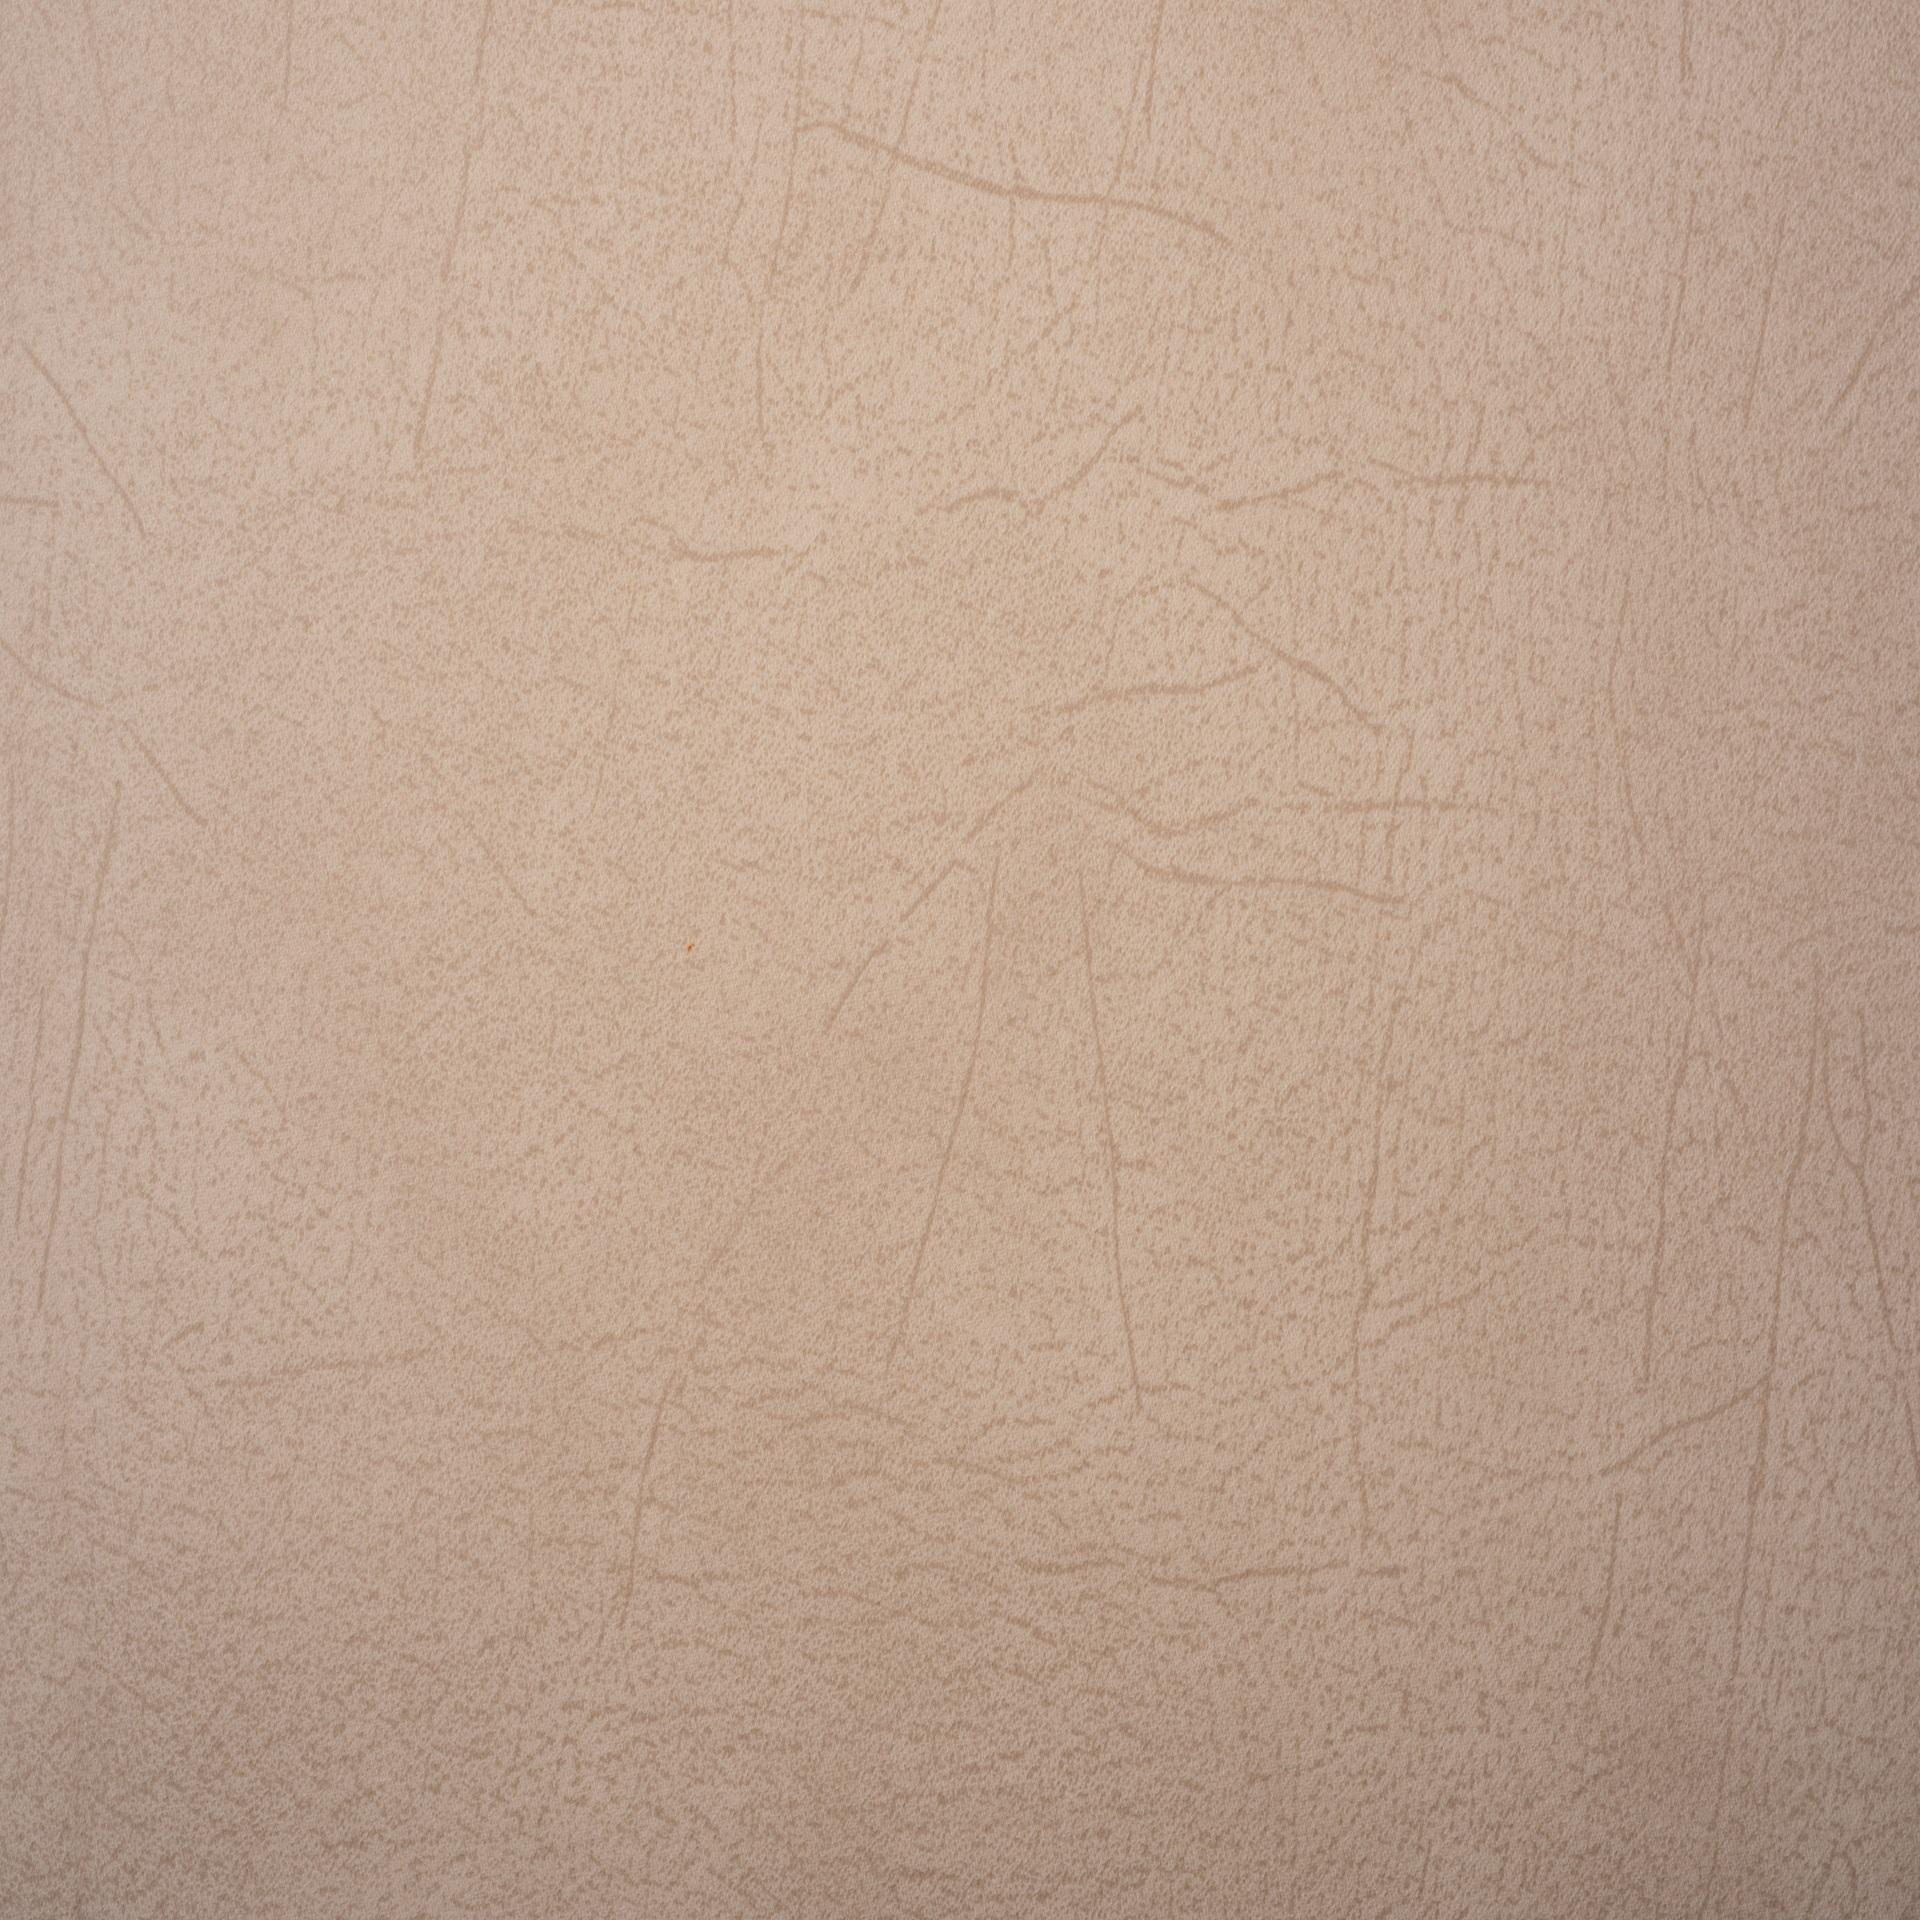 Коллекция ткани Джерри 28,  купить ткань Велюр для мебели Украина